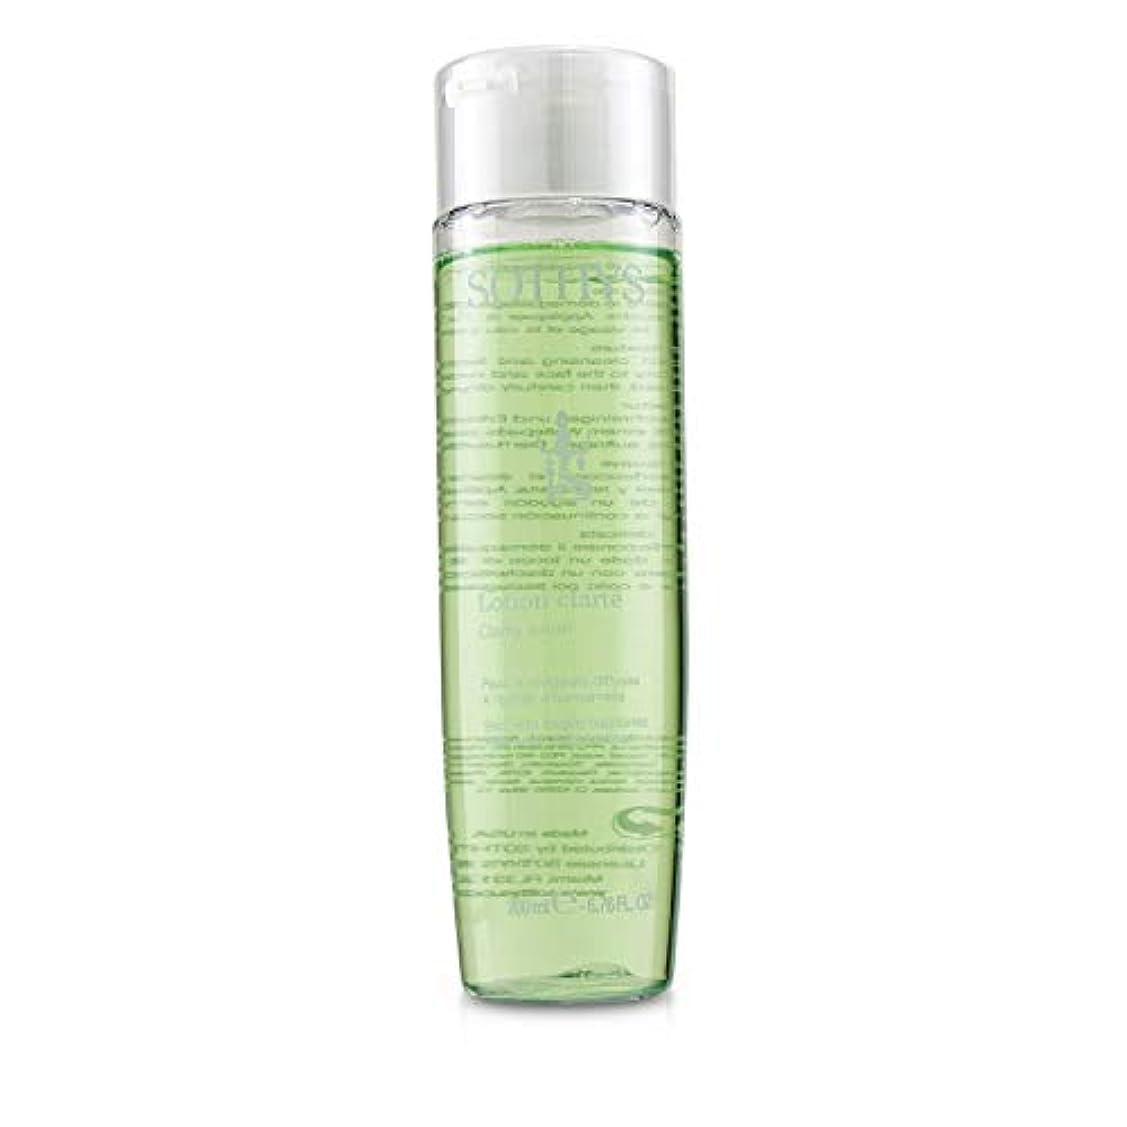 思われるパイルウォーターフロントSothys Clarity Lotion - For Skin With Fragile Capillaries, With Witch Hazel Extract 200ml/6.76oz並行輸入品